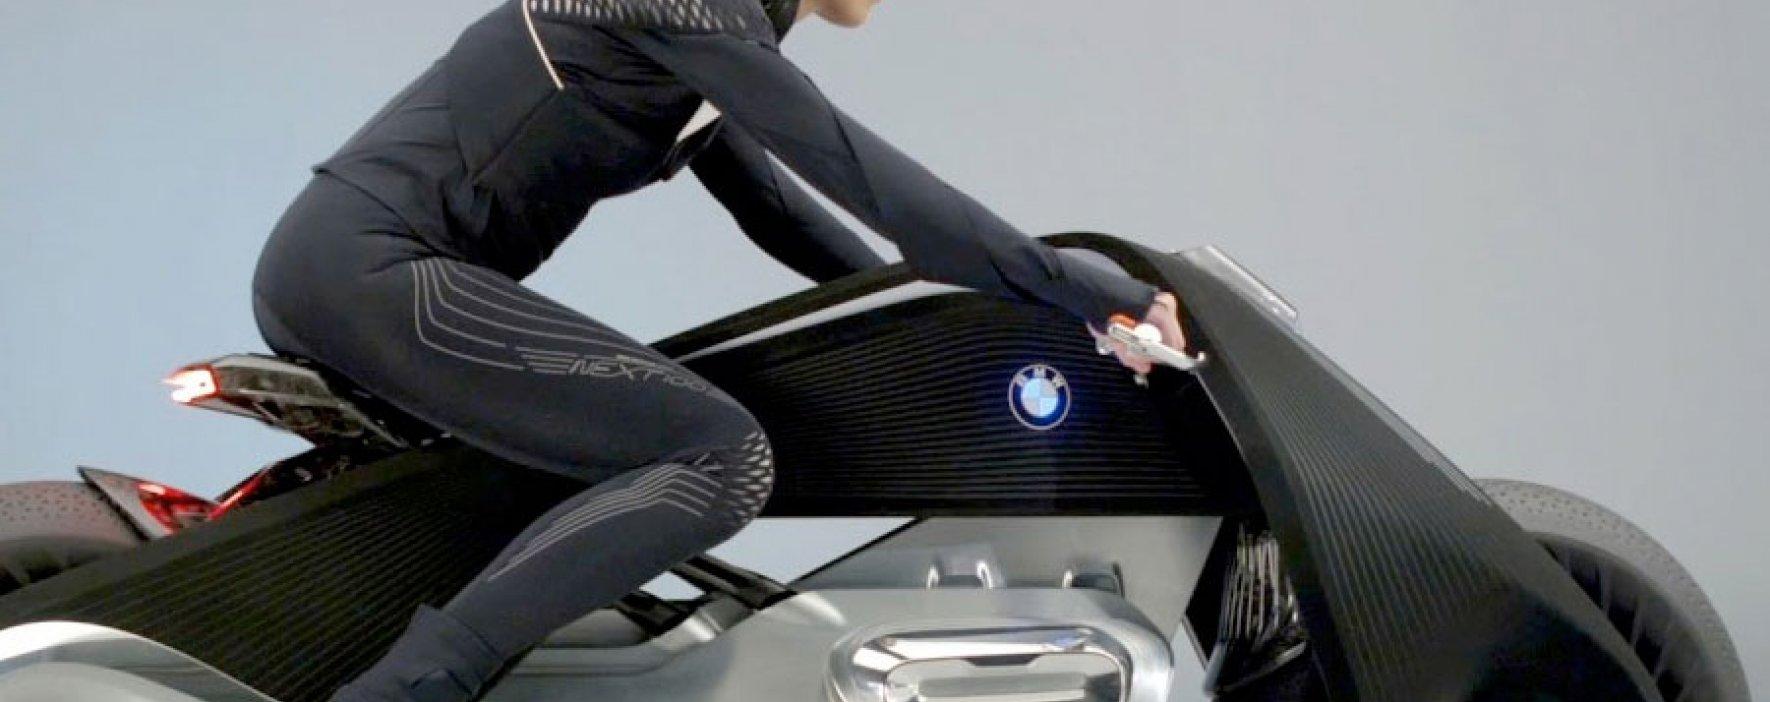 Así será la motocicleta del futuro